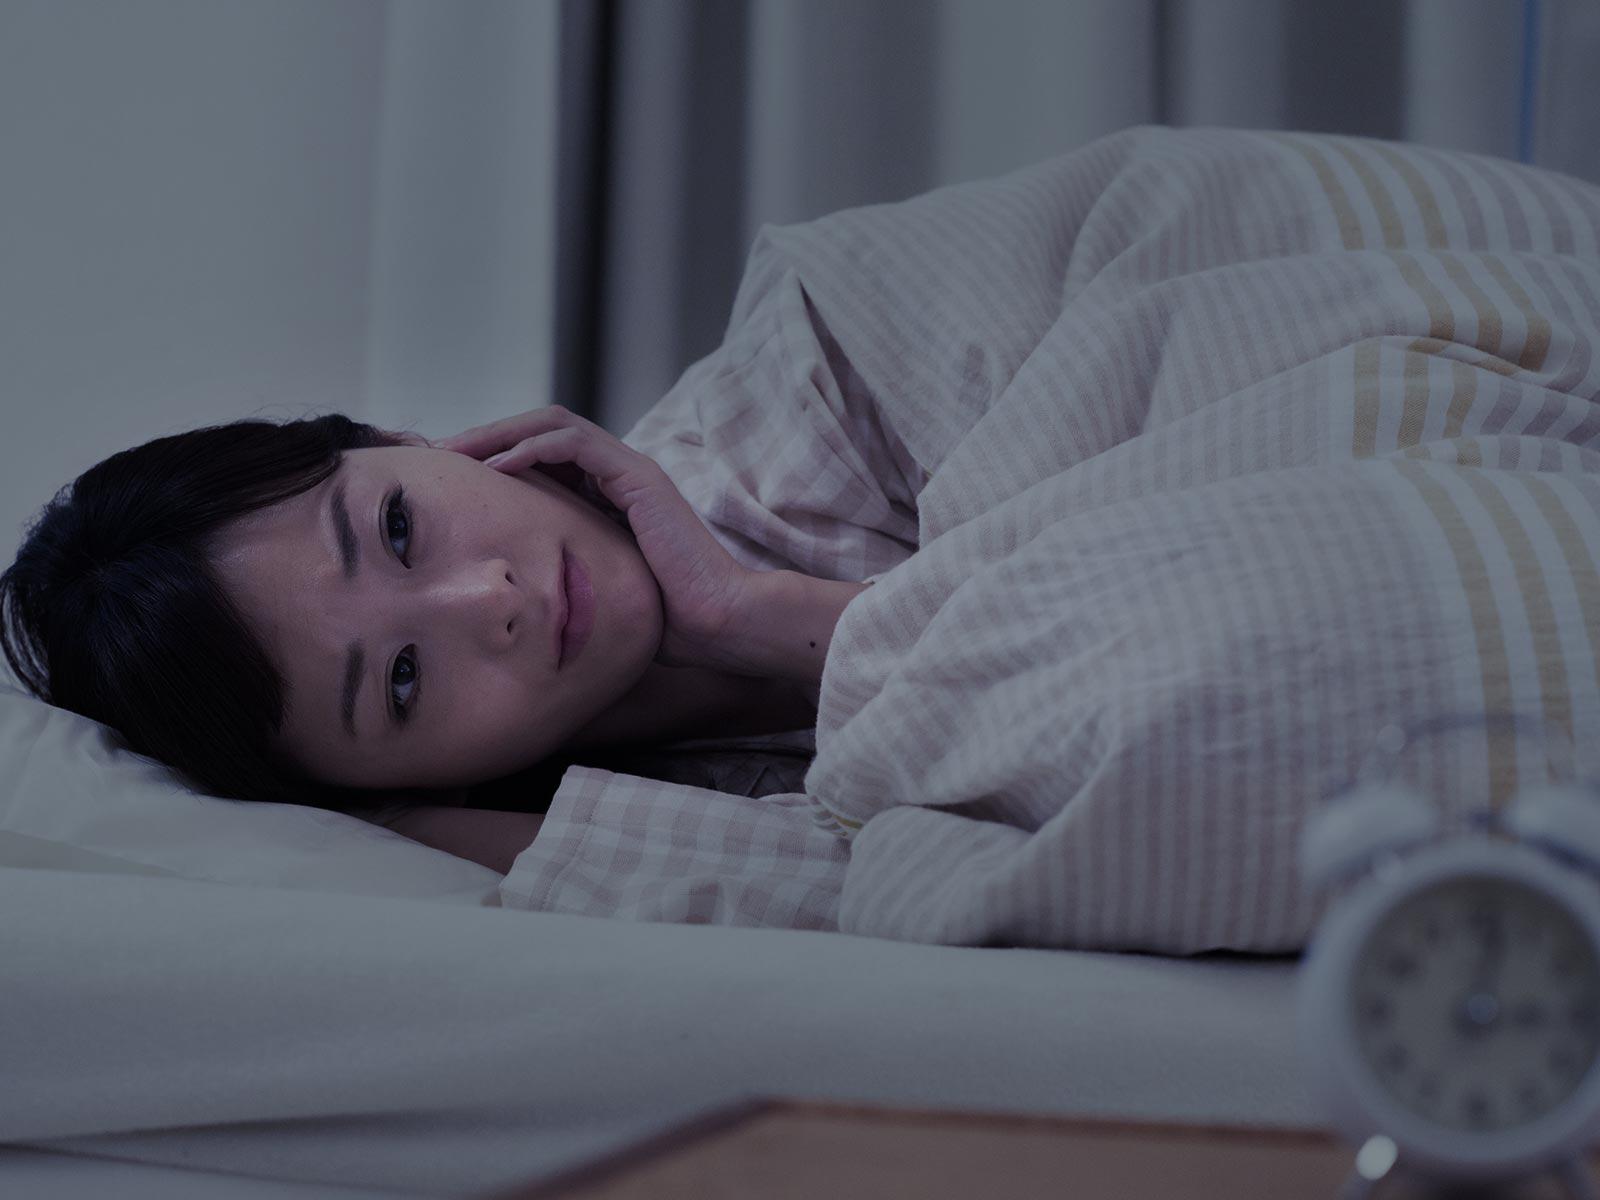 不眠症対策のひとつに漢方という考え方